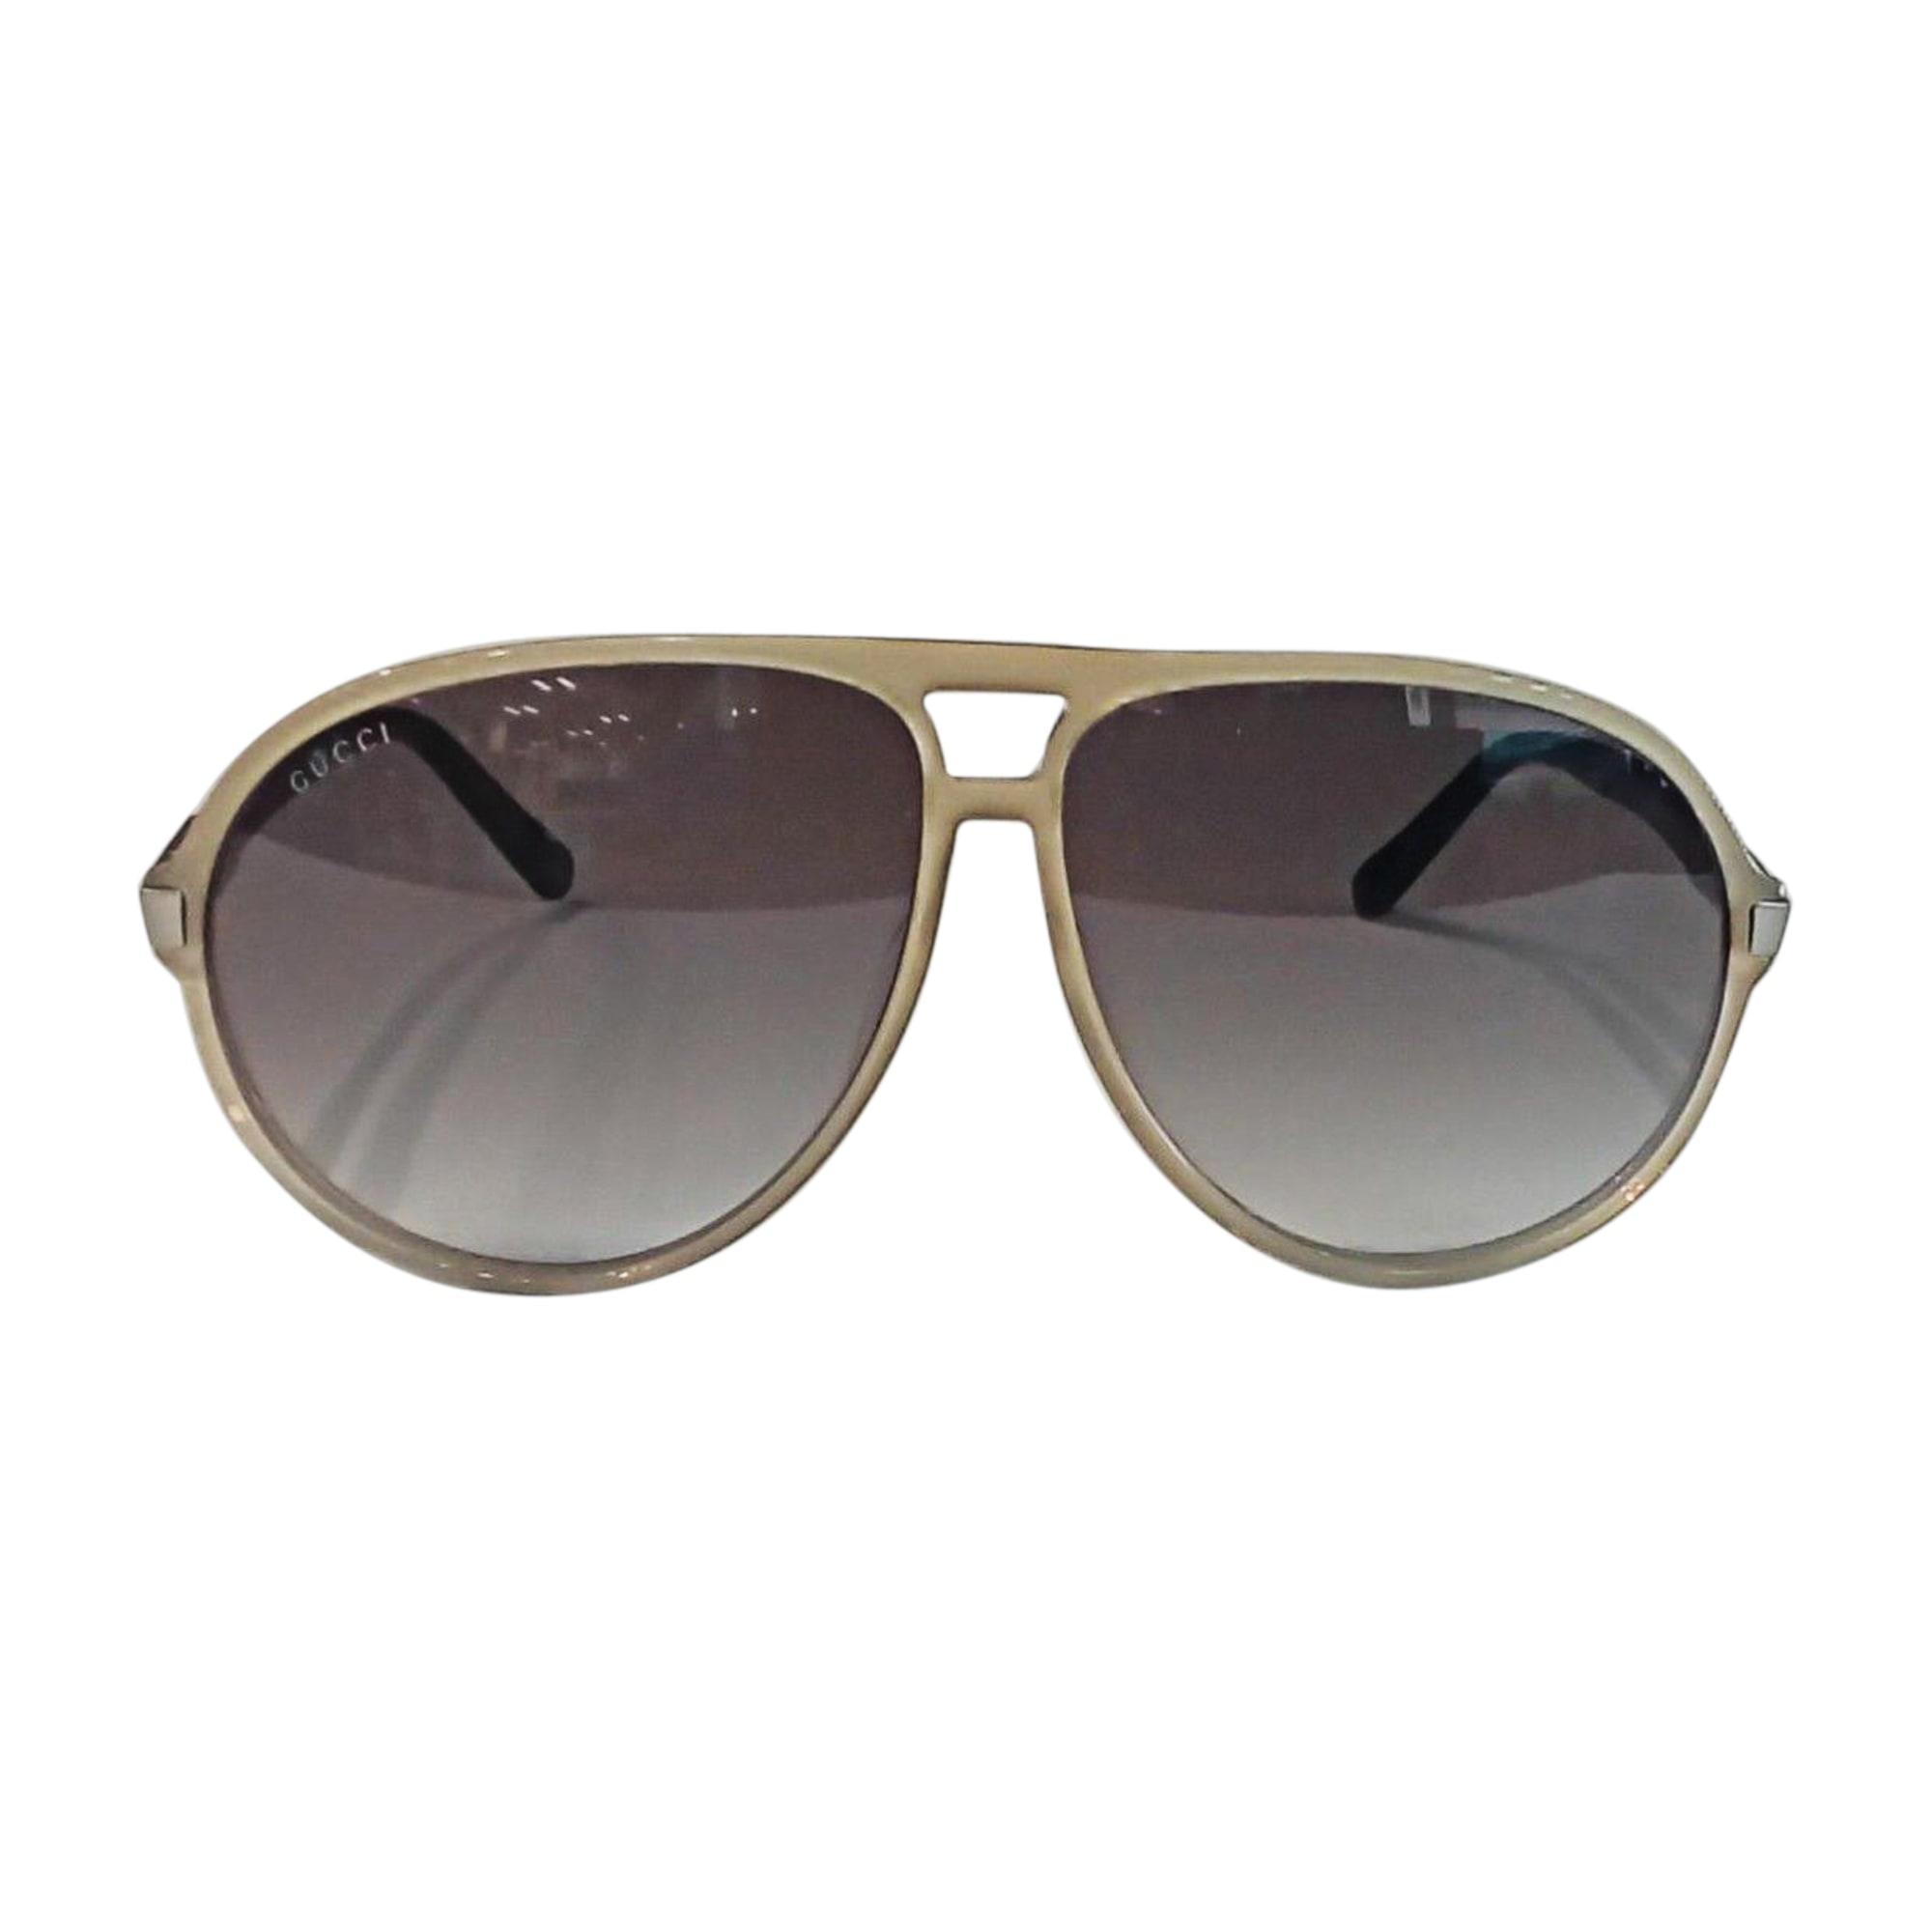 Sunglasses GUCCI Khaki